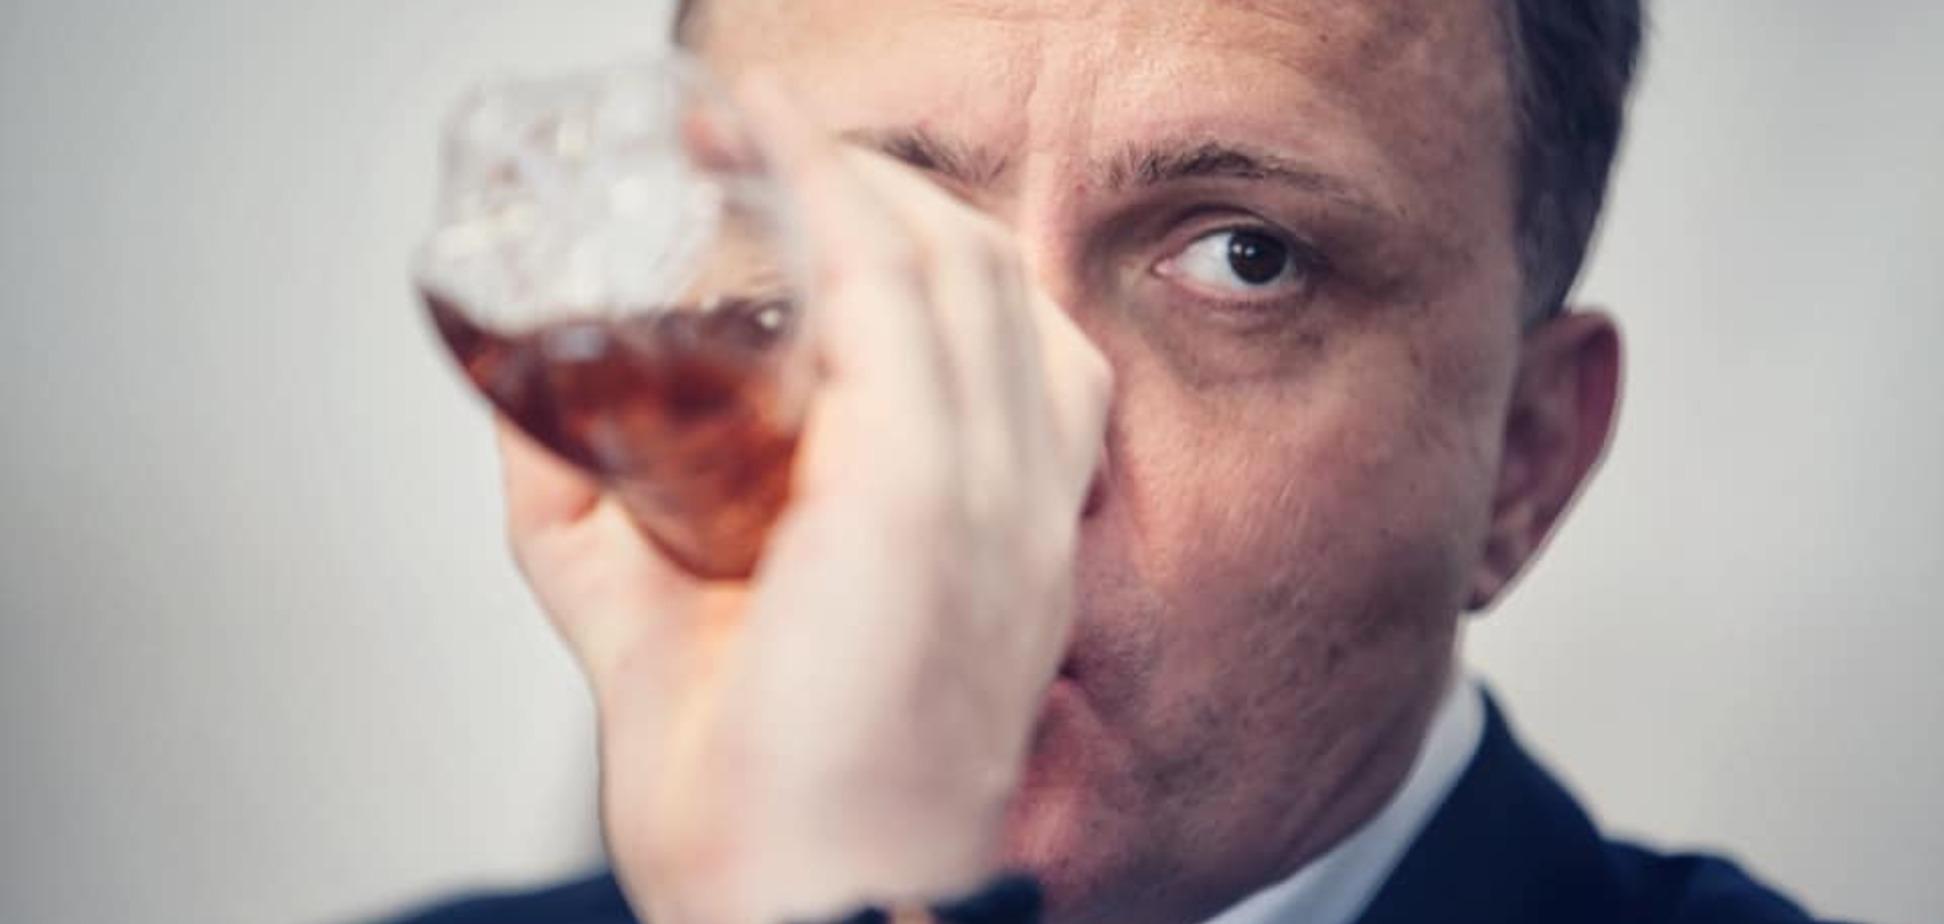 Левочкин снова пил в Раде странную жидкость: фото озадачило сеть